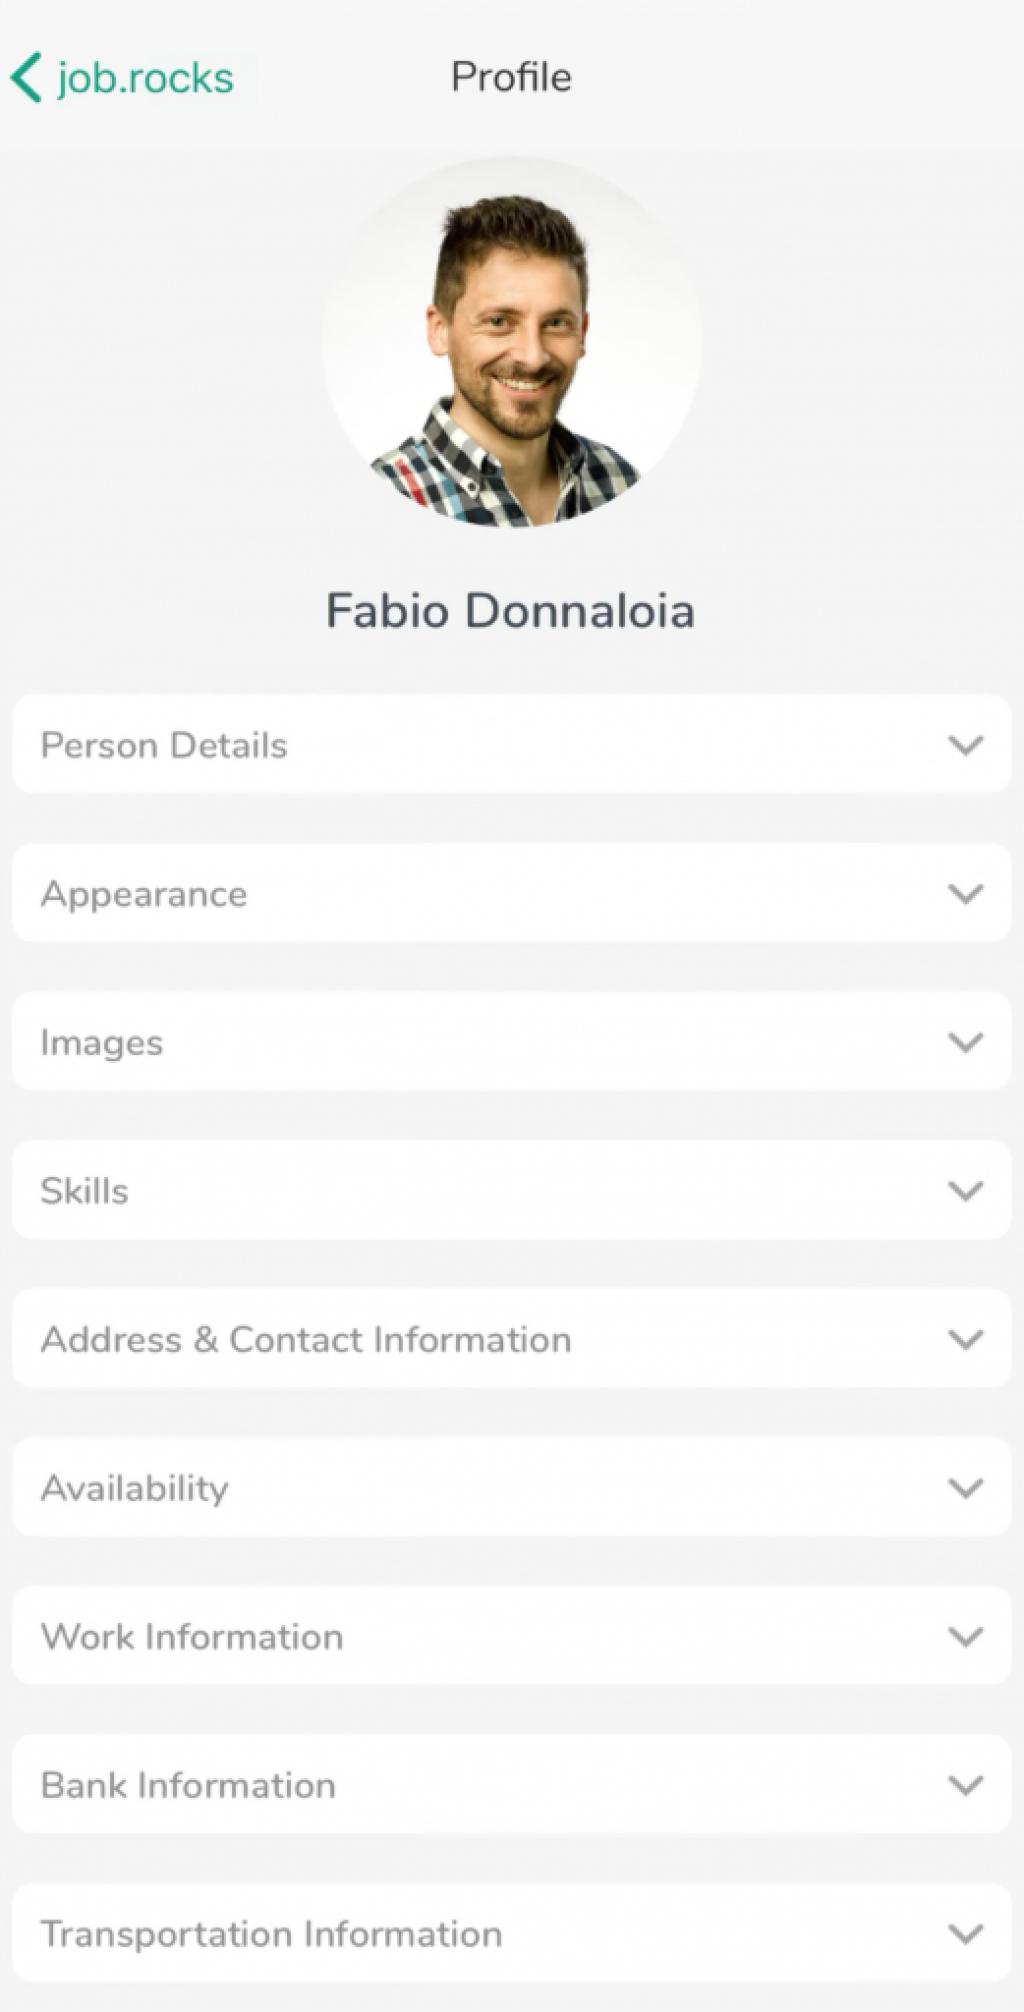 profil einrichten und anzeigen auf app job.rocks